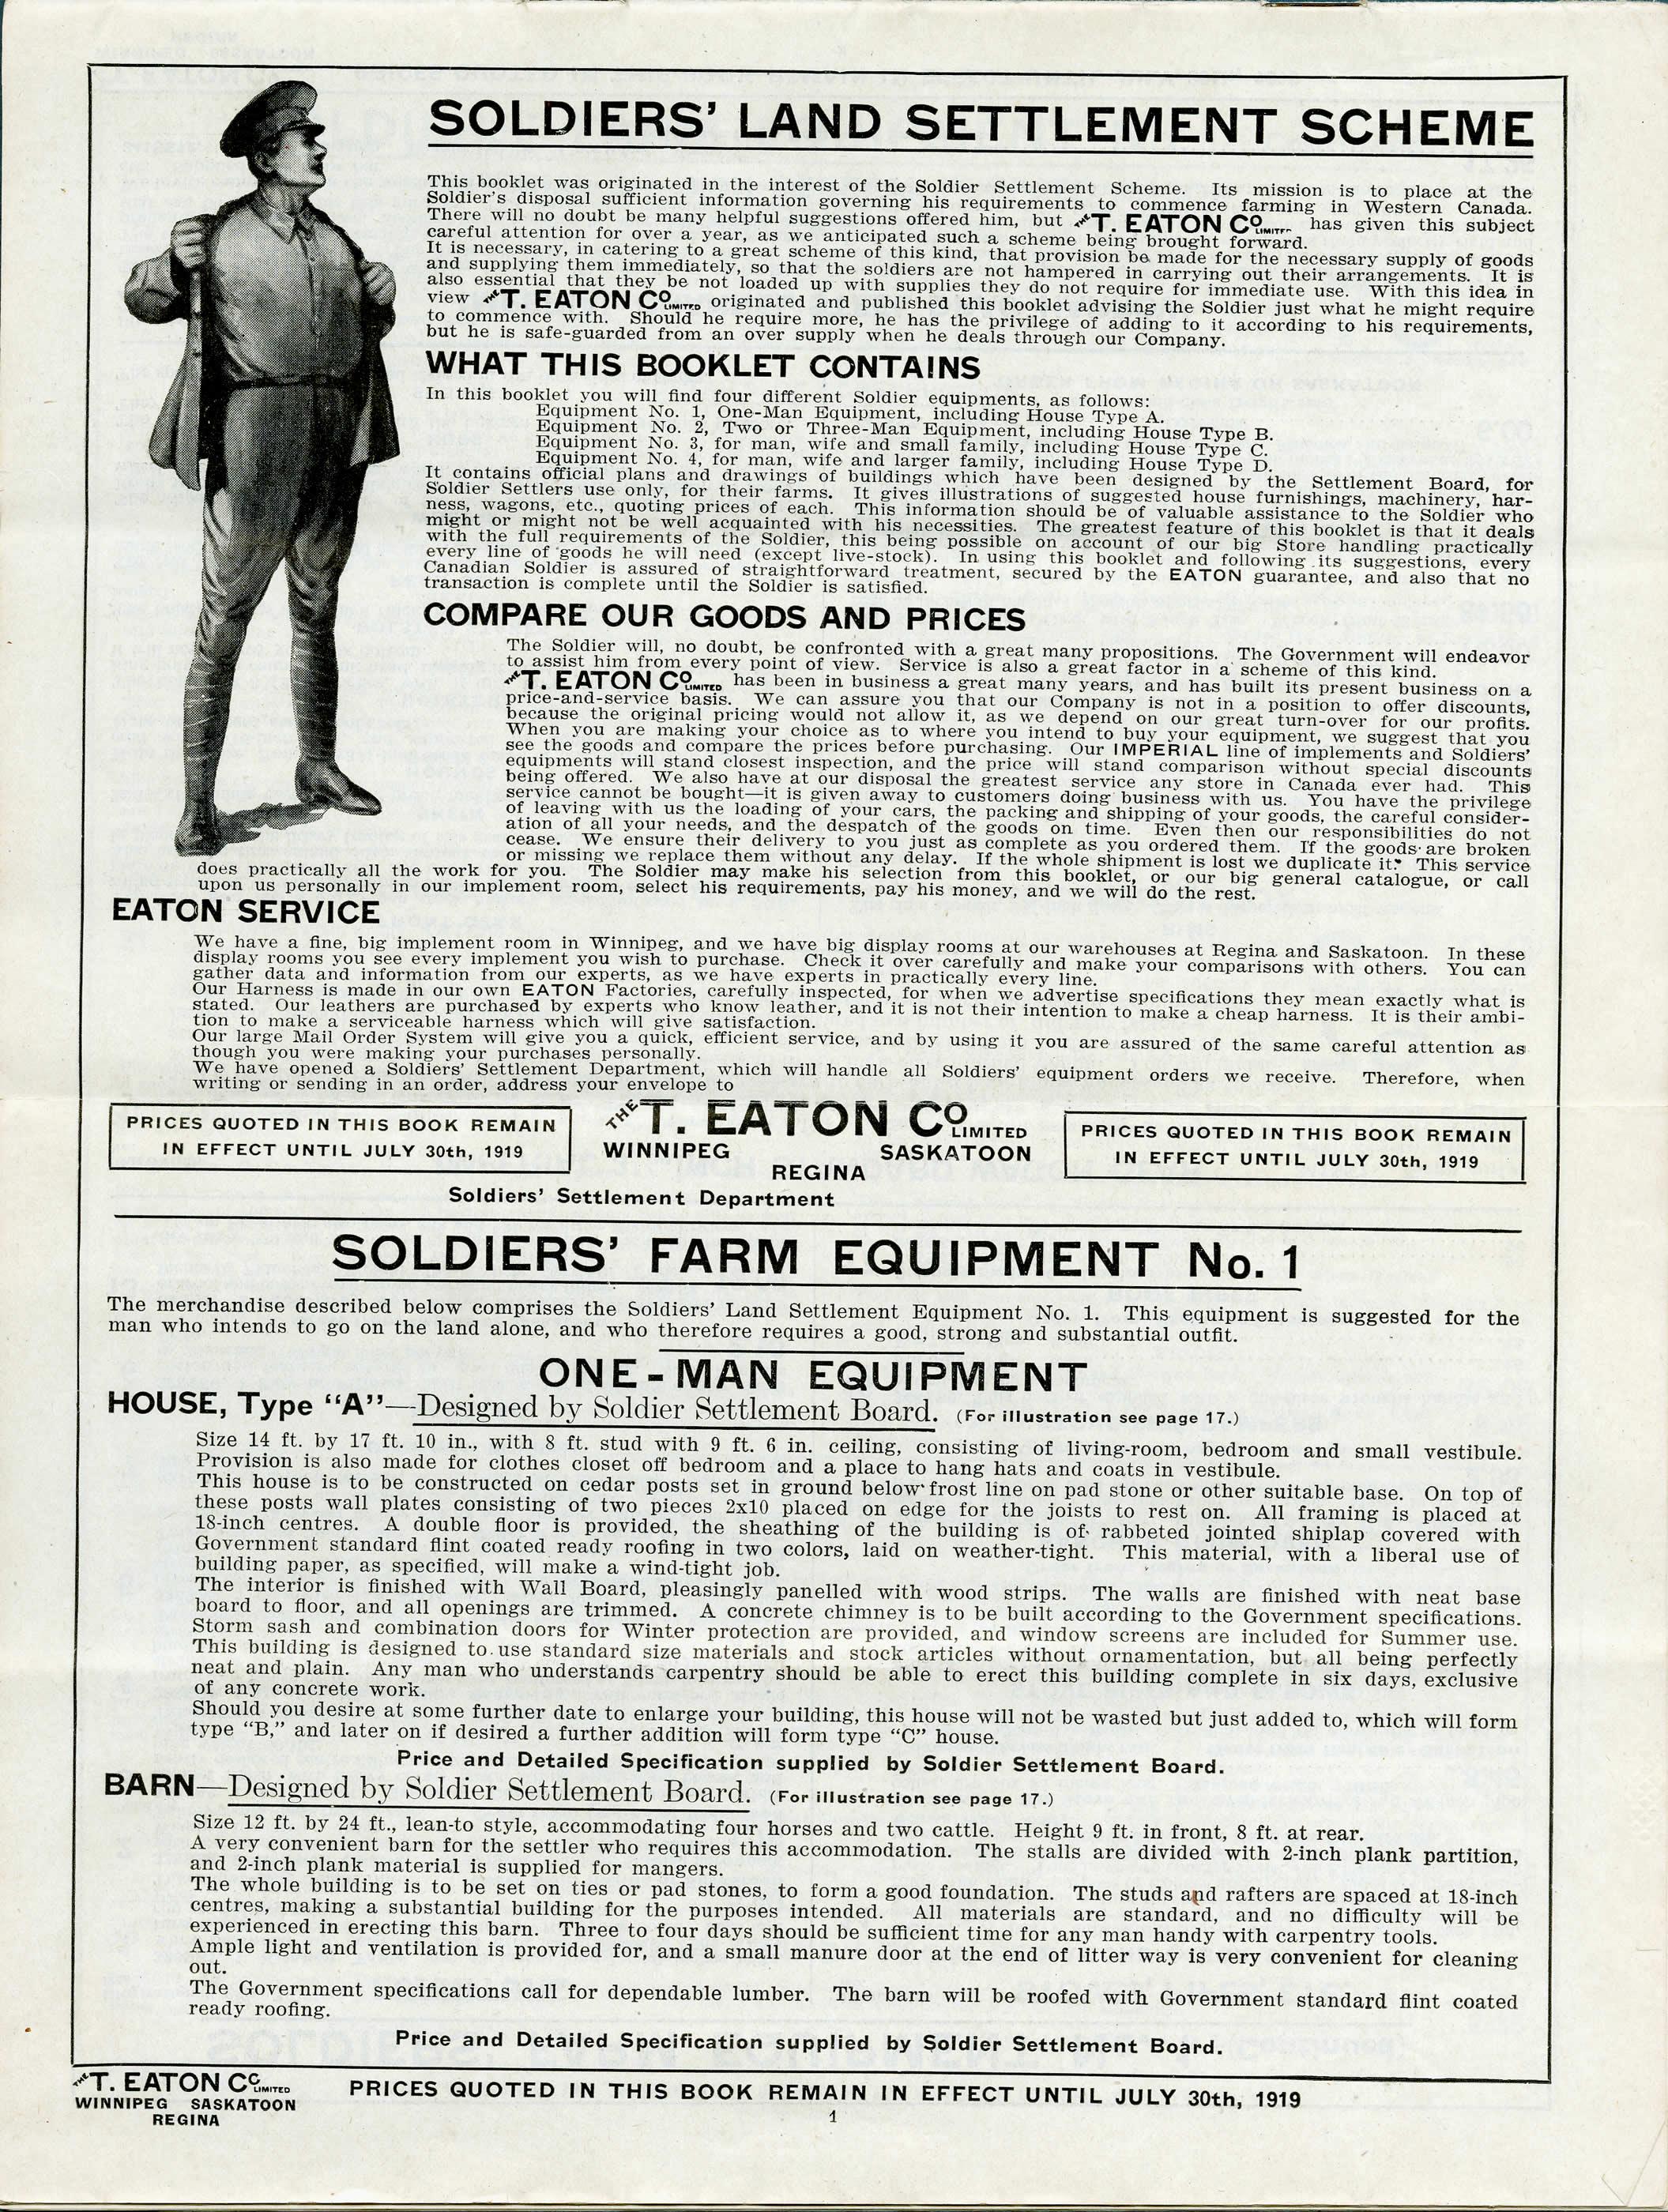 La colonisation par les soldats